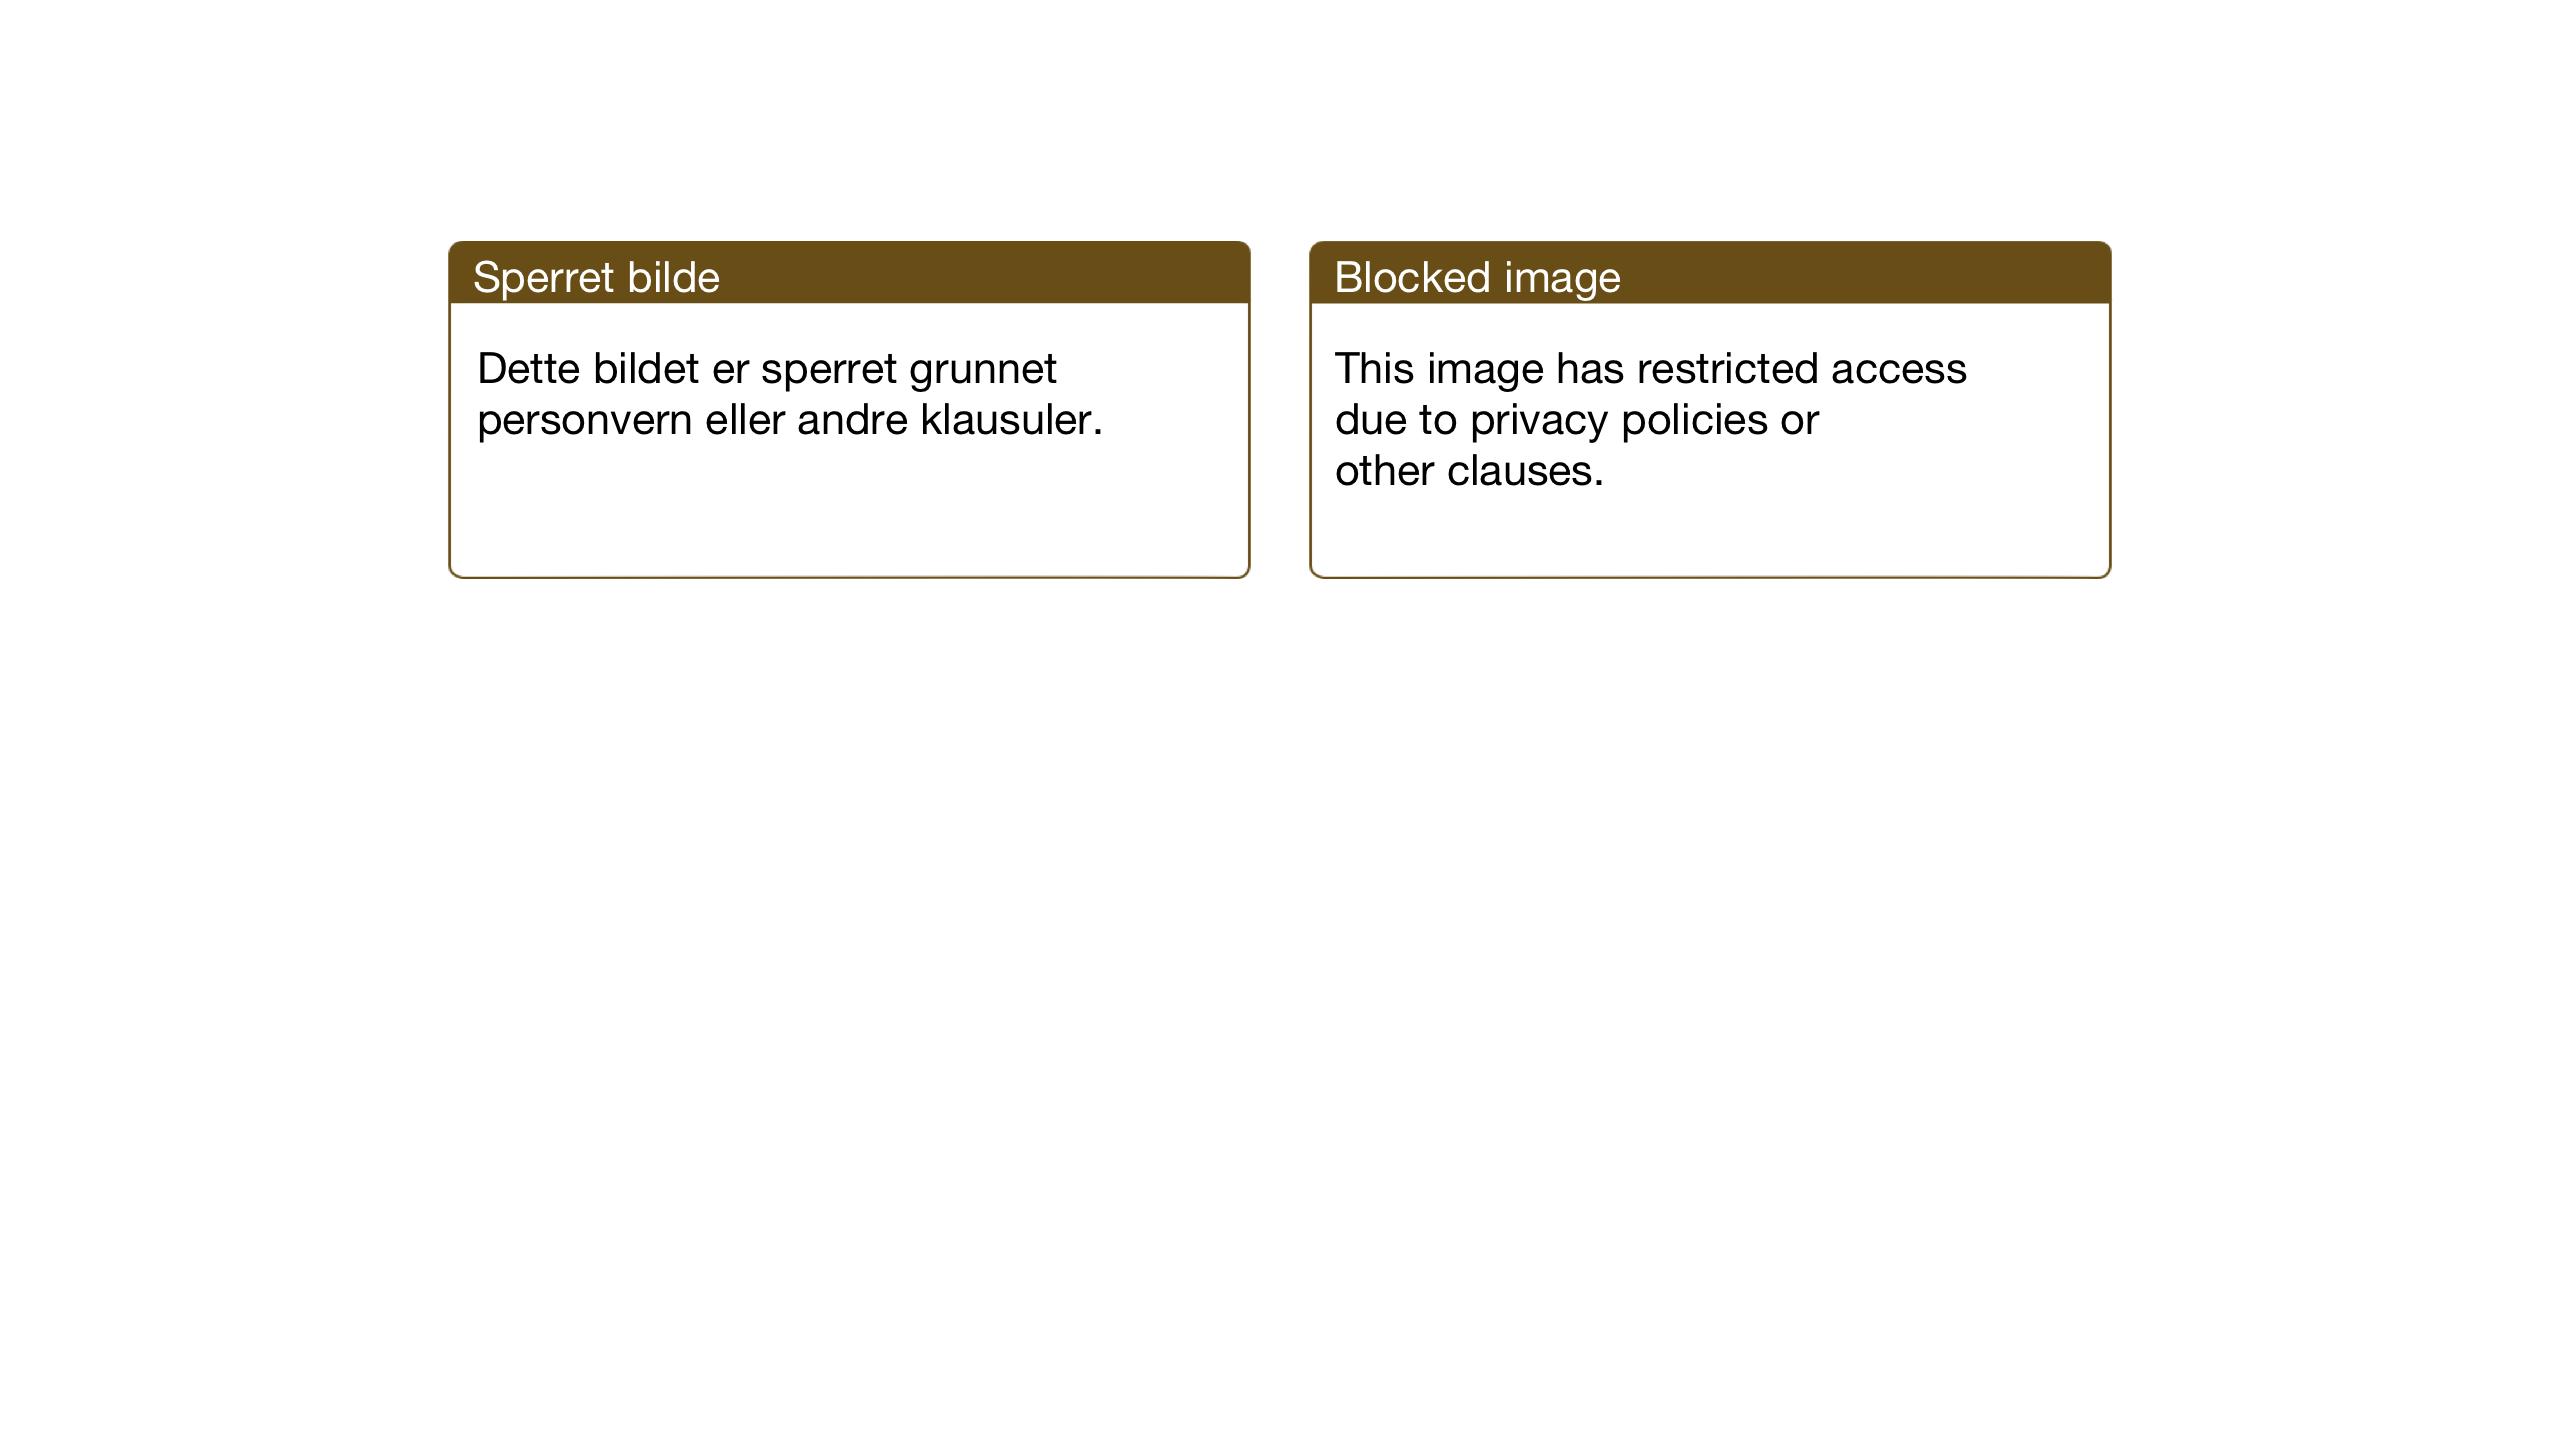 SAT, Ministerialprotokoller, klokkerbøker og fødselsregistre - Sør-Trøndelag, 690/L1053: Klokkerbok nr. 690C03, 1930-1947, s. 22